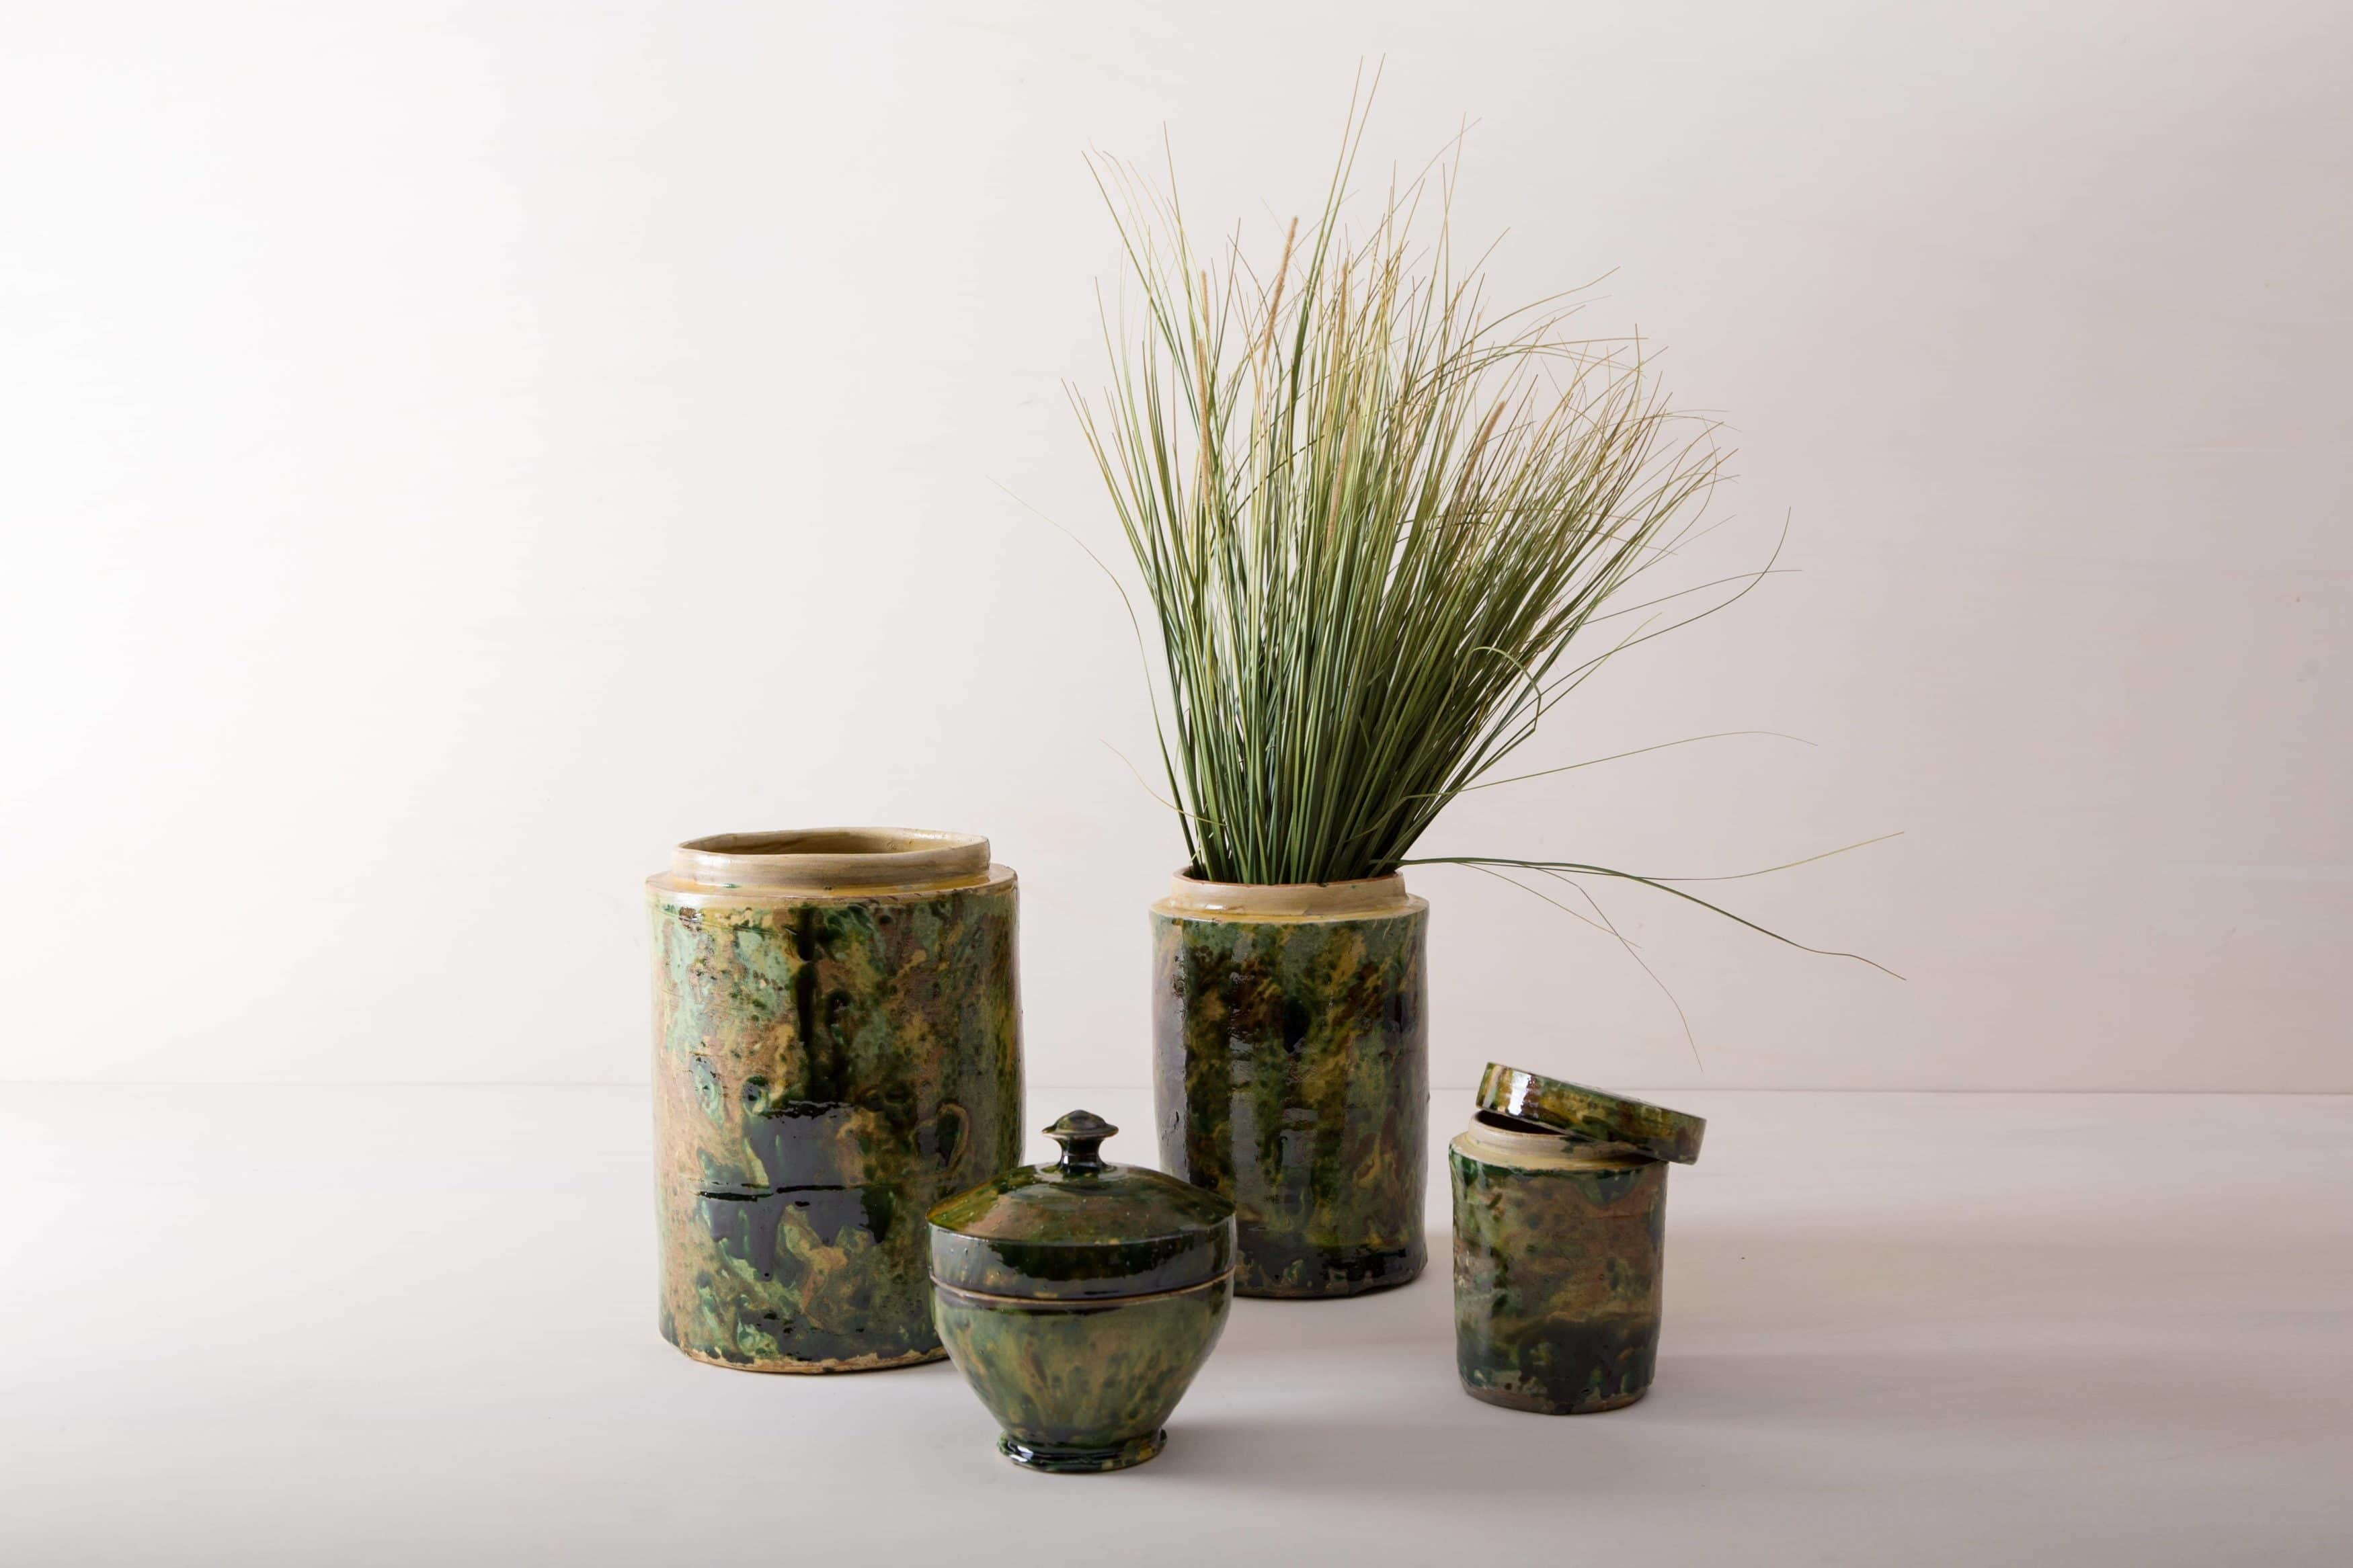 """Diese besonderen Vasen der Serie Punca sind ganz individuell und interessant gefärbt. Gemeinsam geben sie ein harmonisches Bild ab und sehen zu Herbst wie Sommerevents gleichermaßen gut aus. Ob als Vase für einen tollen Herbst- oder Kornblumenstrauß oder aber als Süßigkeitendose auf dem Buffettisch– Vase Punca ist abwechslungsreich und mal """"etwas anderes"""". Grün marmorierte Keramik, die alte Technik der Marmorglasur ist in Süditalien sehr beliebt. Die zylindrischen Vorratsgefässe stammen aus den 1930er Jahren und es wurden darin Antipasti oder Oliven gelagert. Nun gut gereinigt kannst Du die Gefäße als Vase für Dein Eventstyling oder Hochzeitsdekoration einsetzen."""